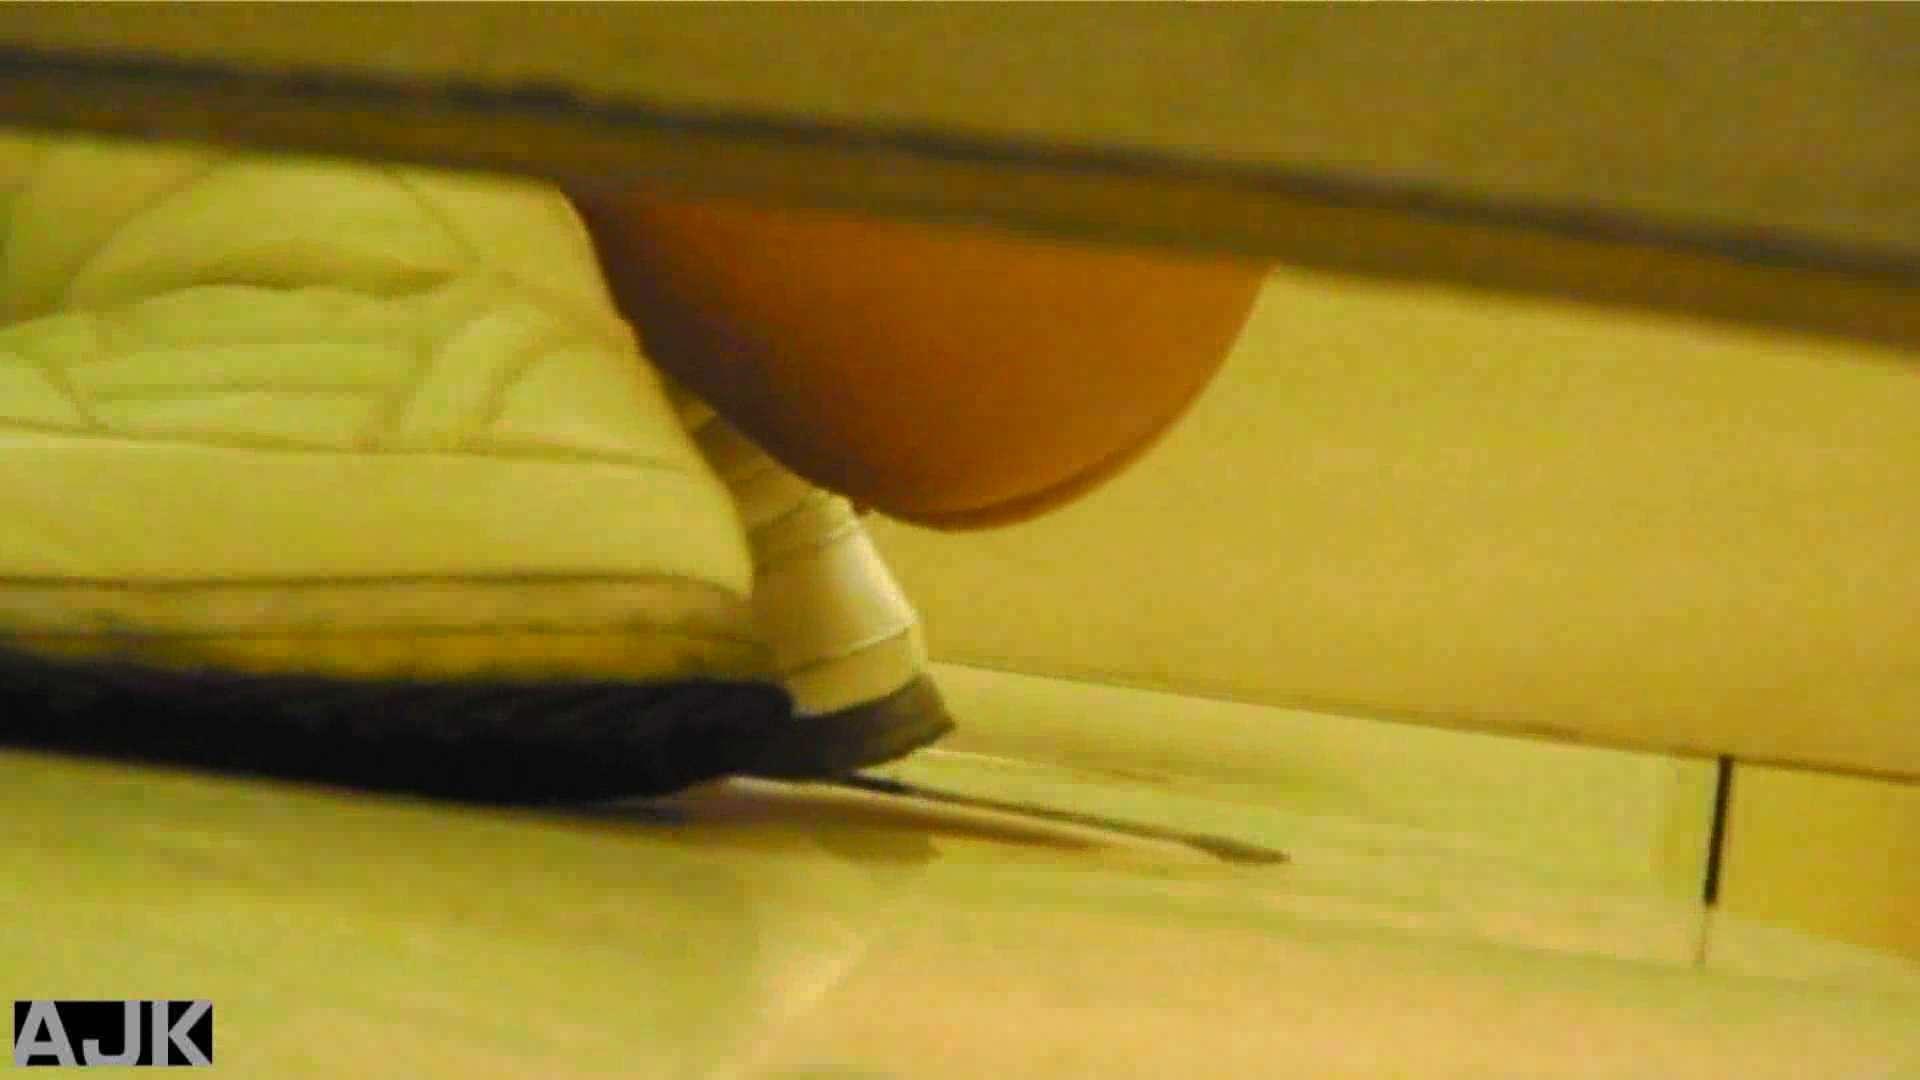 隣国上階級エリアの令嬢たちが集うデパートお手洗い Vol.01 丸見え  70画像 52